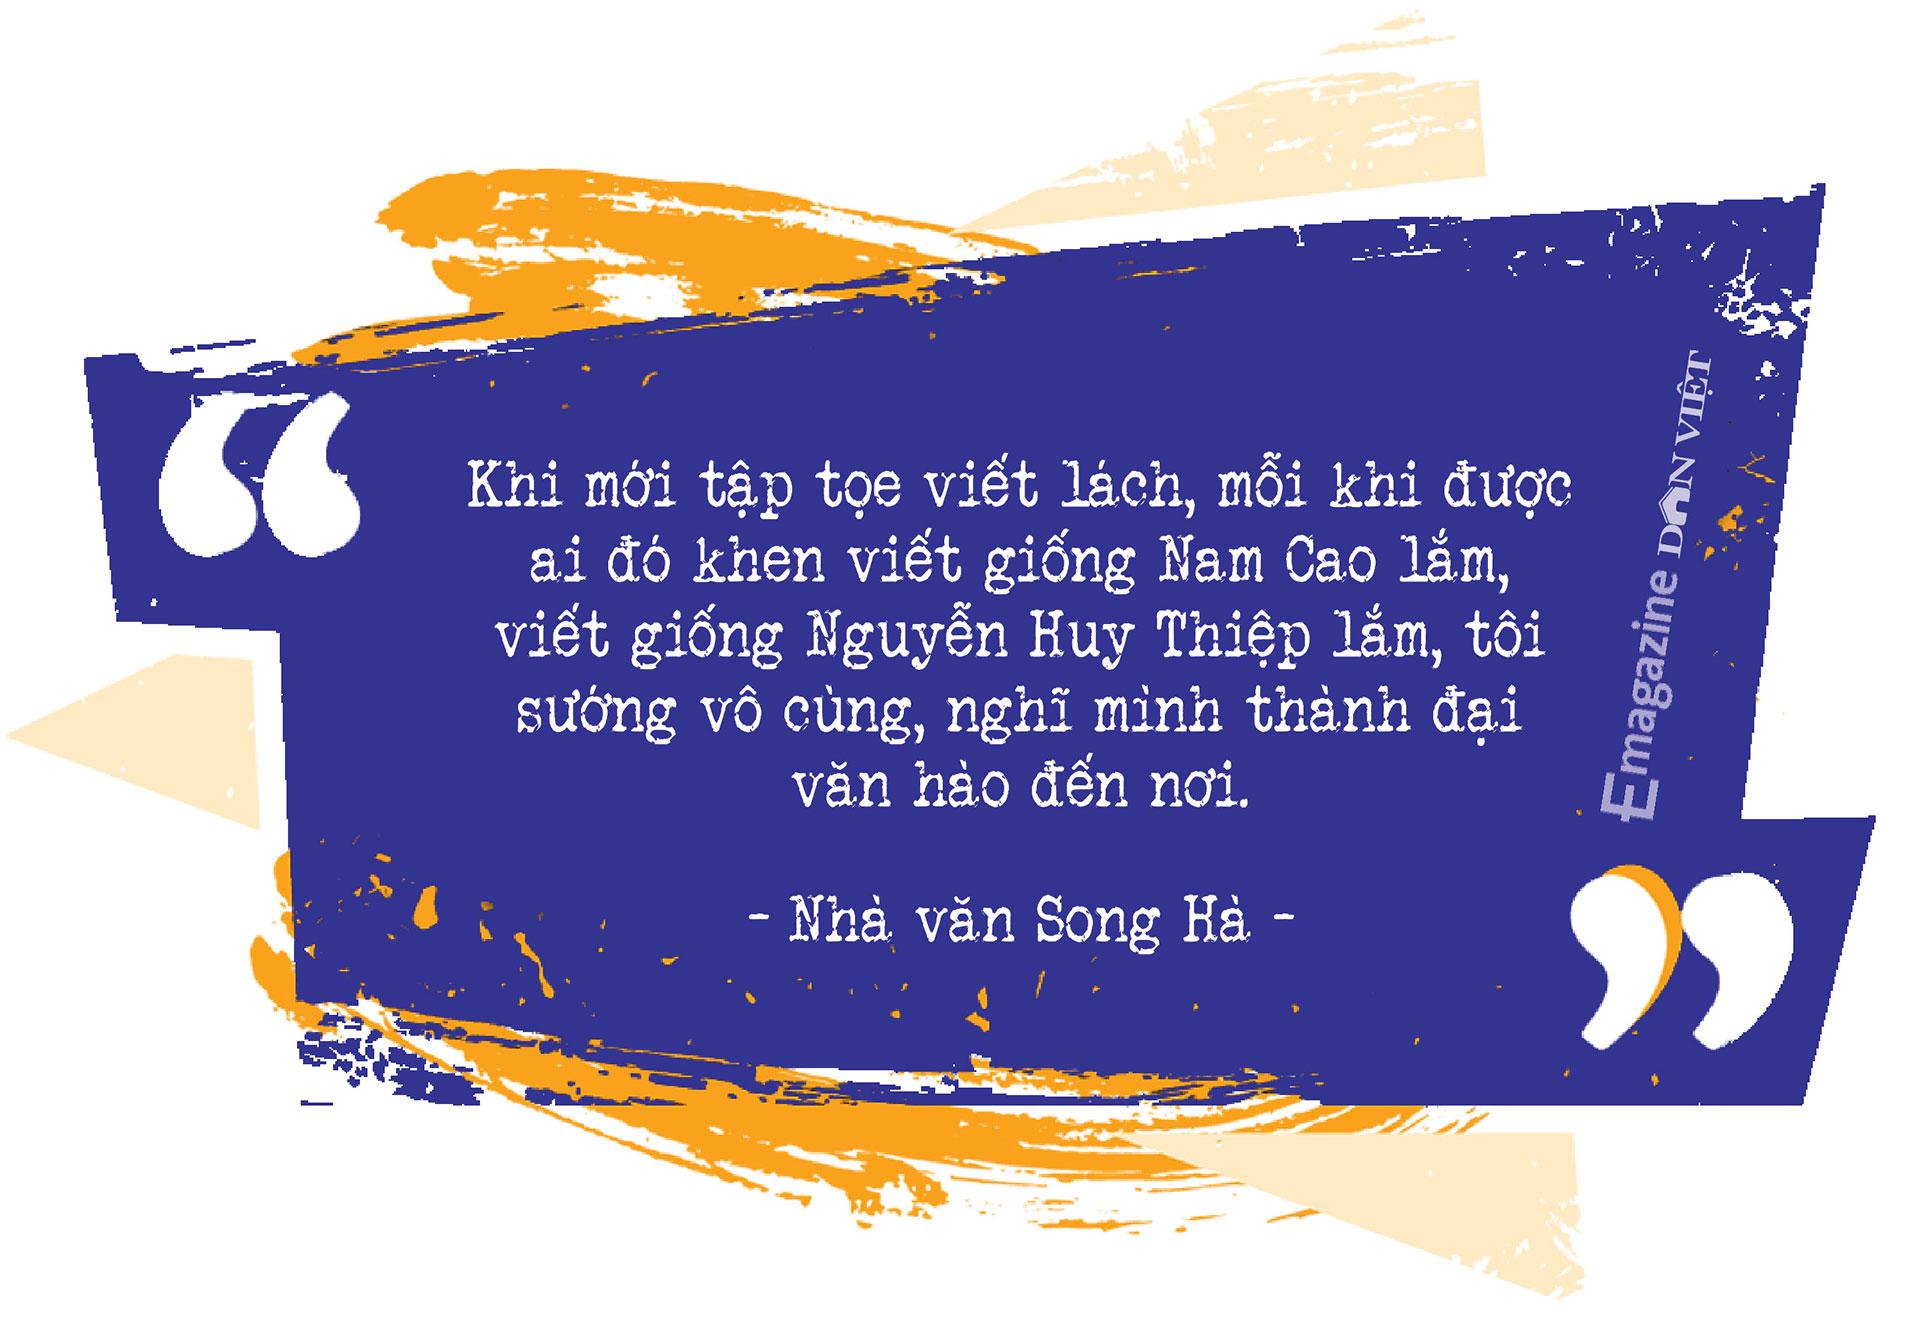 Cây bút văn học mạng Song Hà: Mảng đề tài đa cấp, đòi nợ… tôi viết dễ như thò tay vào túi lấy kẹo - Ảnh 17.